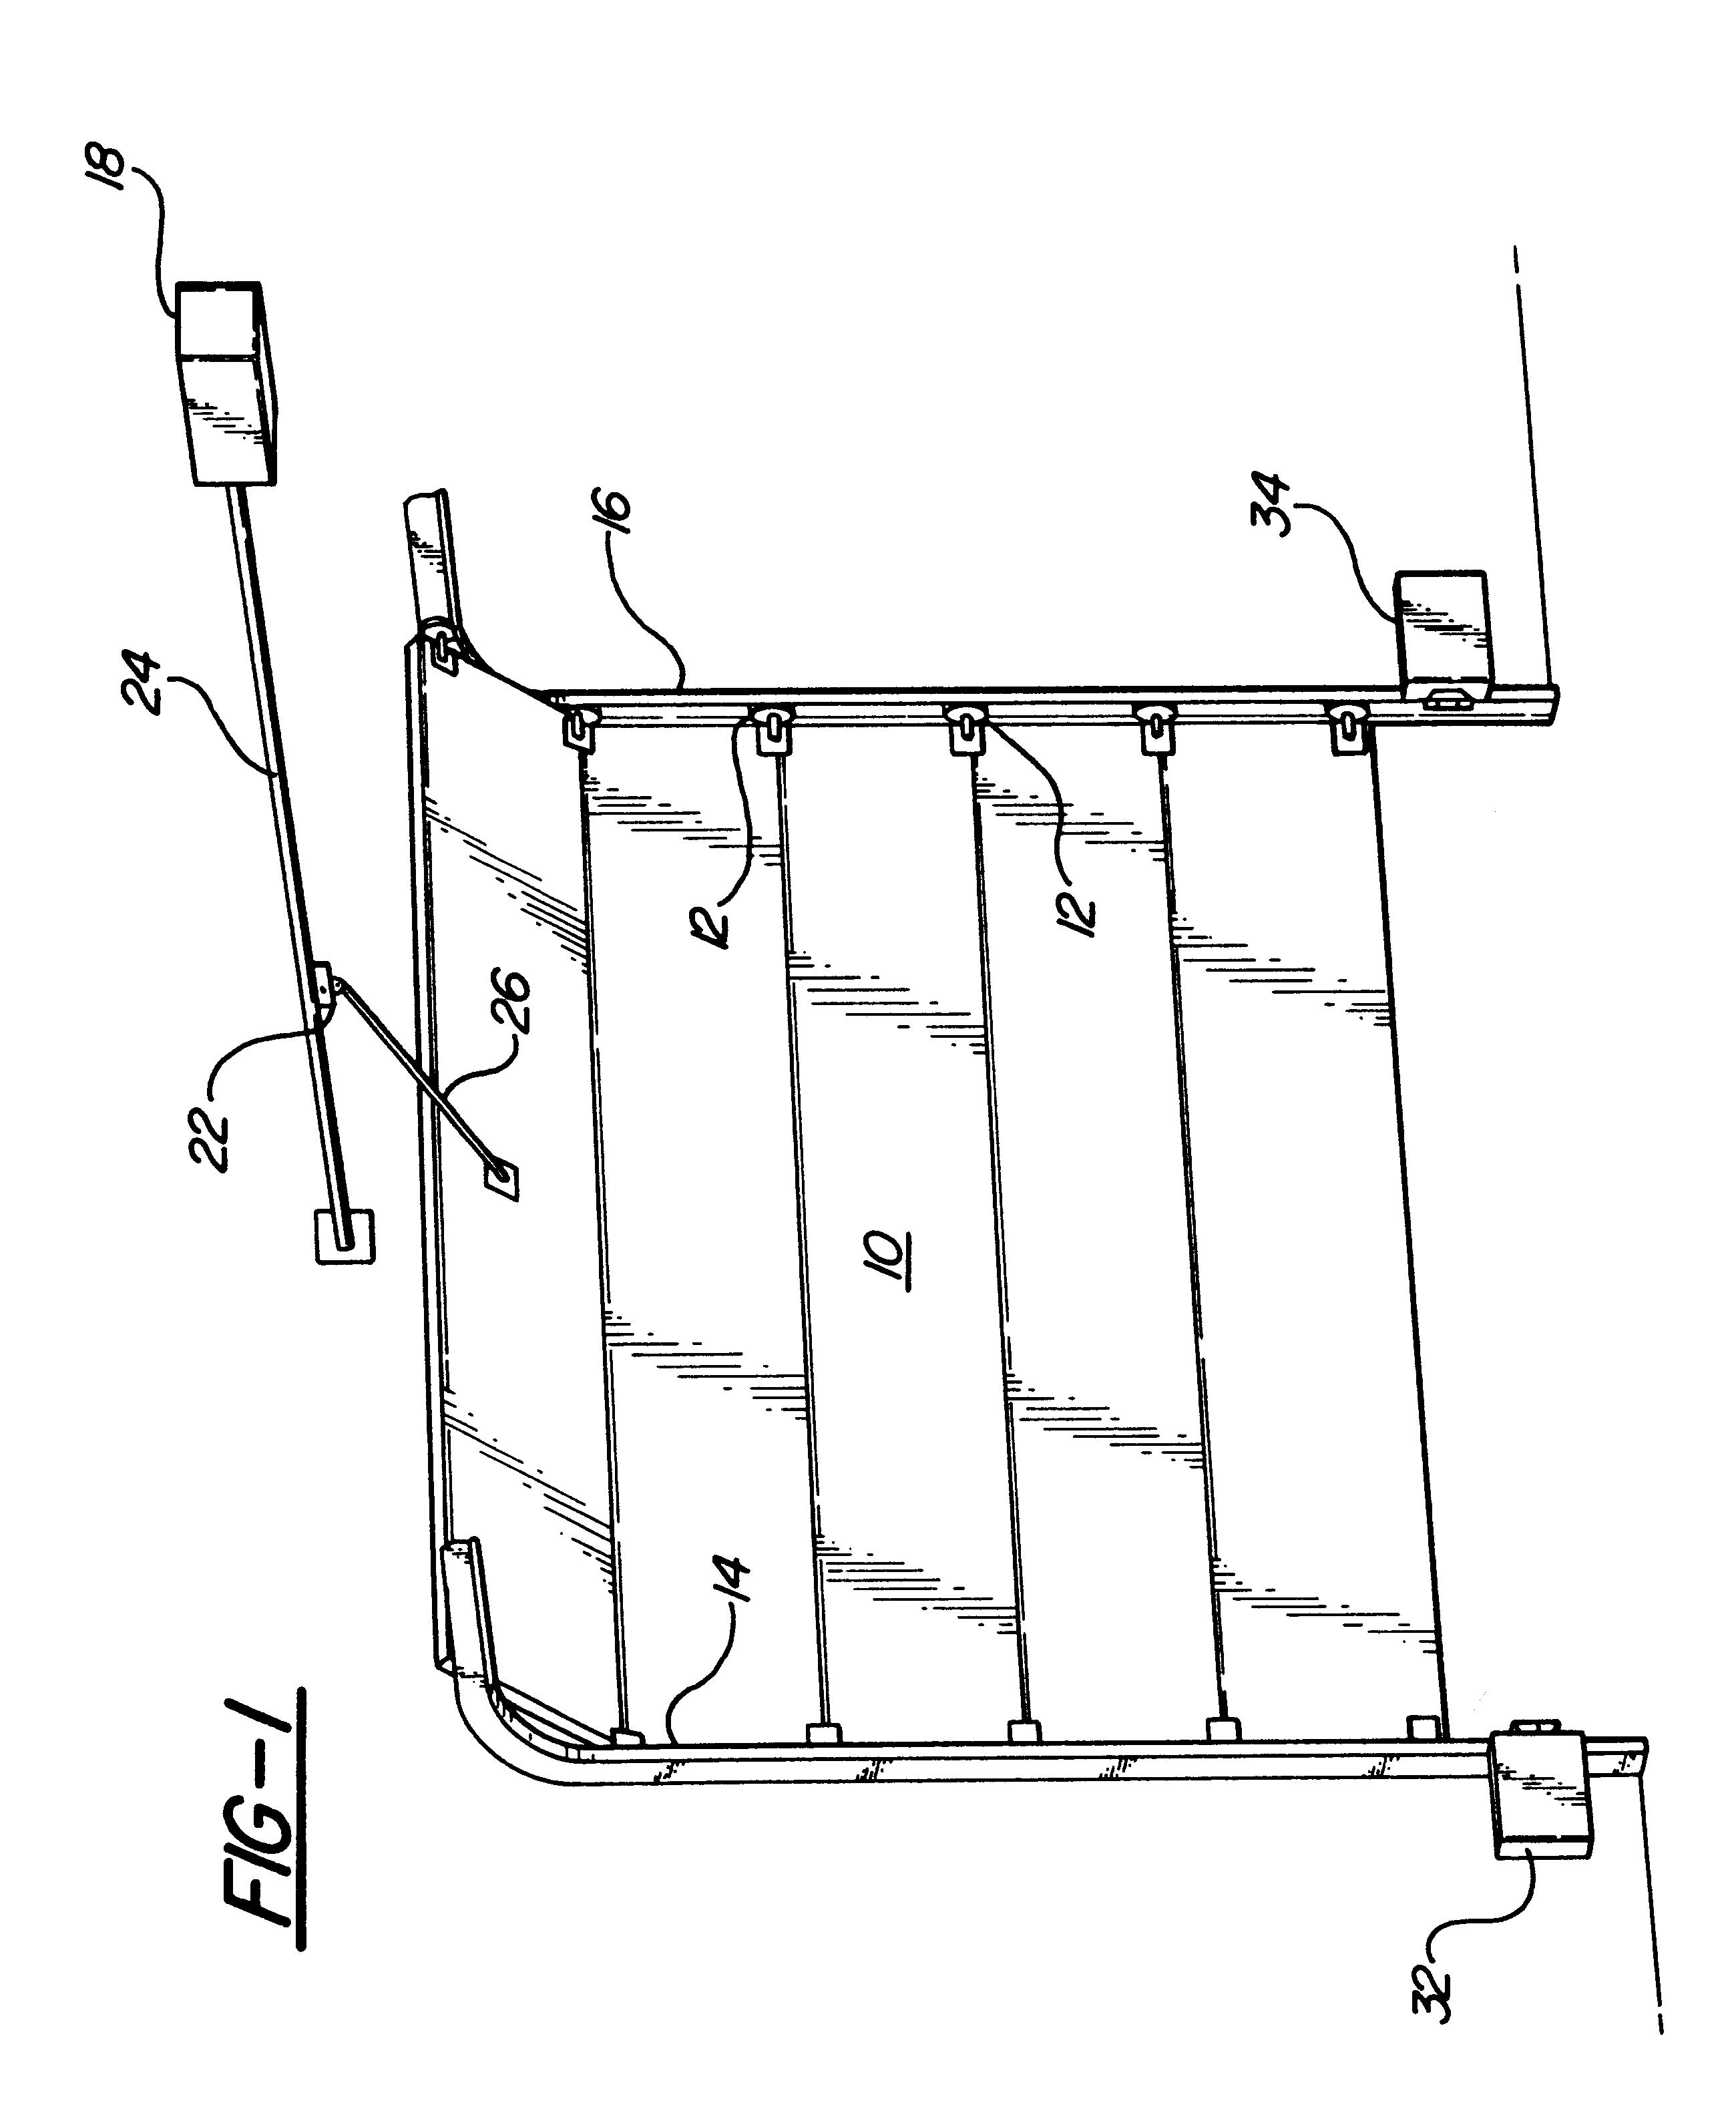 Patent Us6181095 Garage Door Opener Google Patents